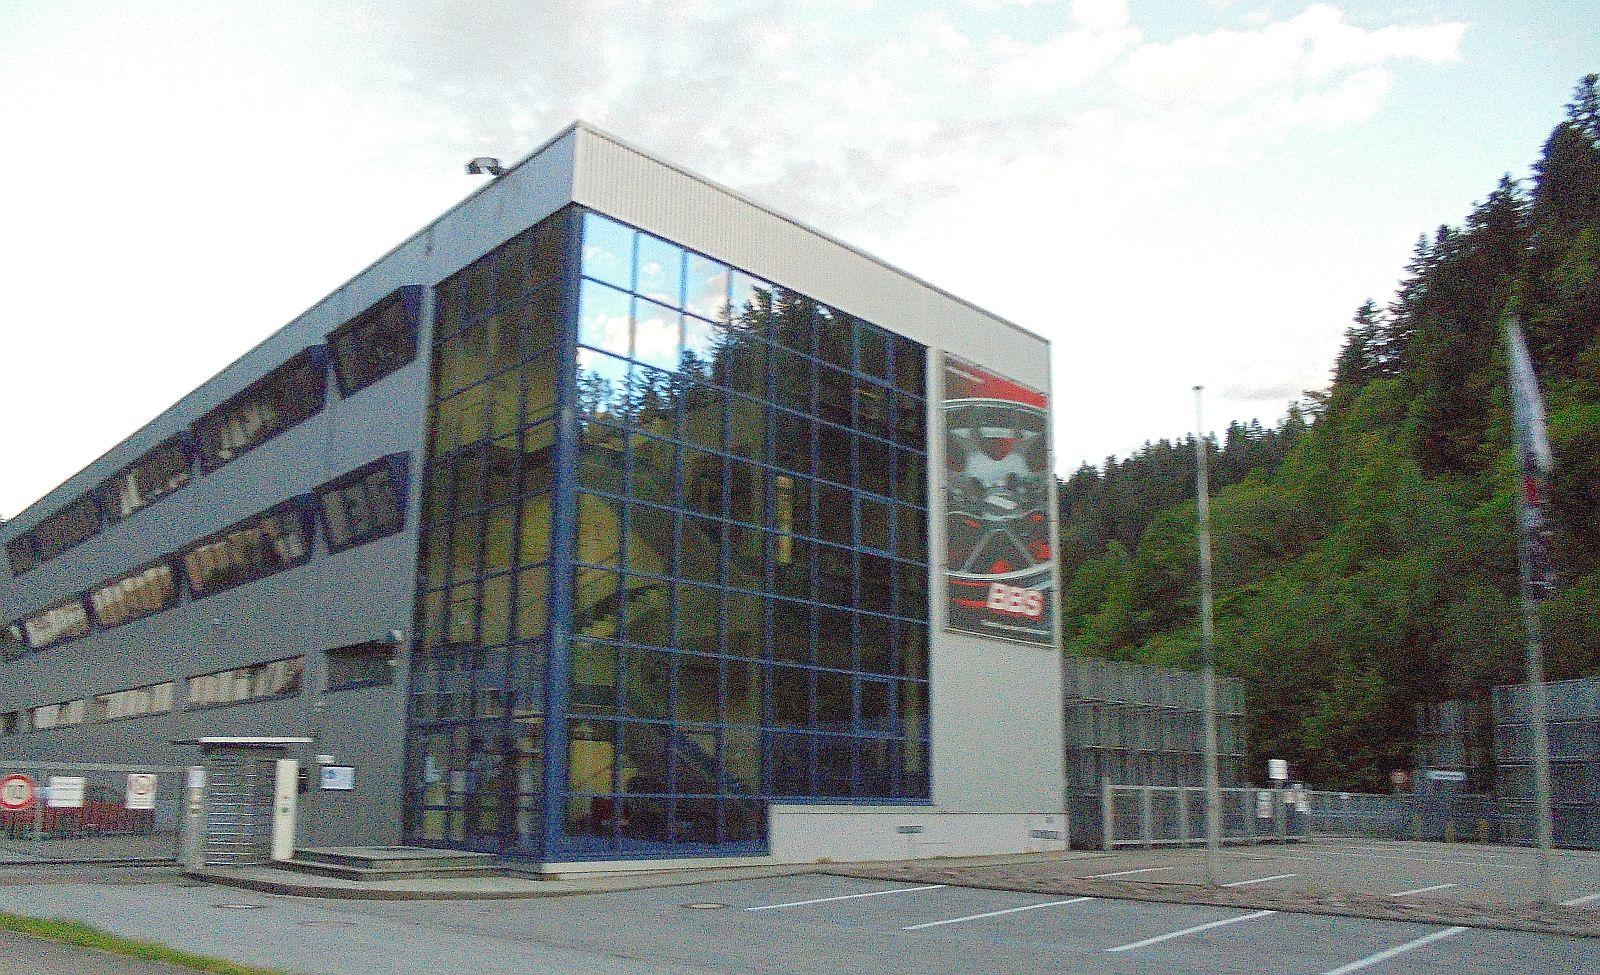 Der Schiltacher Felgenhersteller BBS hat einen neuen Eigentümer gefunden. Foto: him